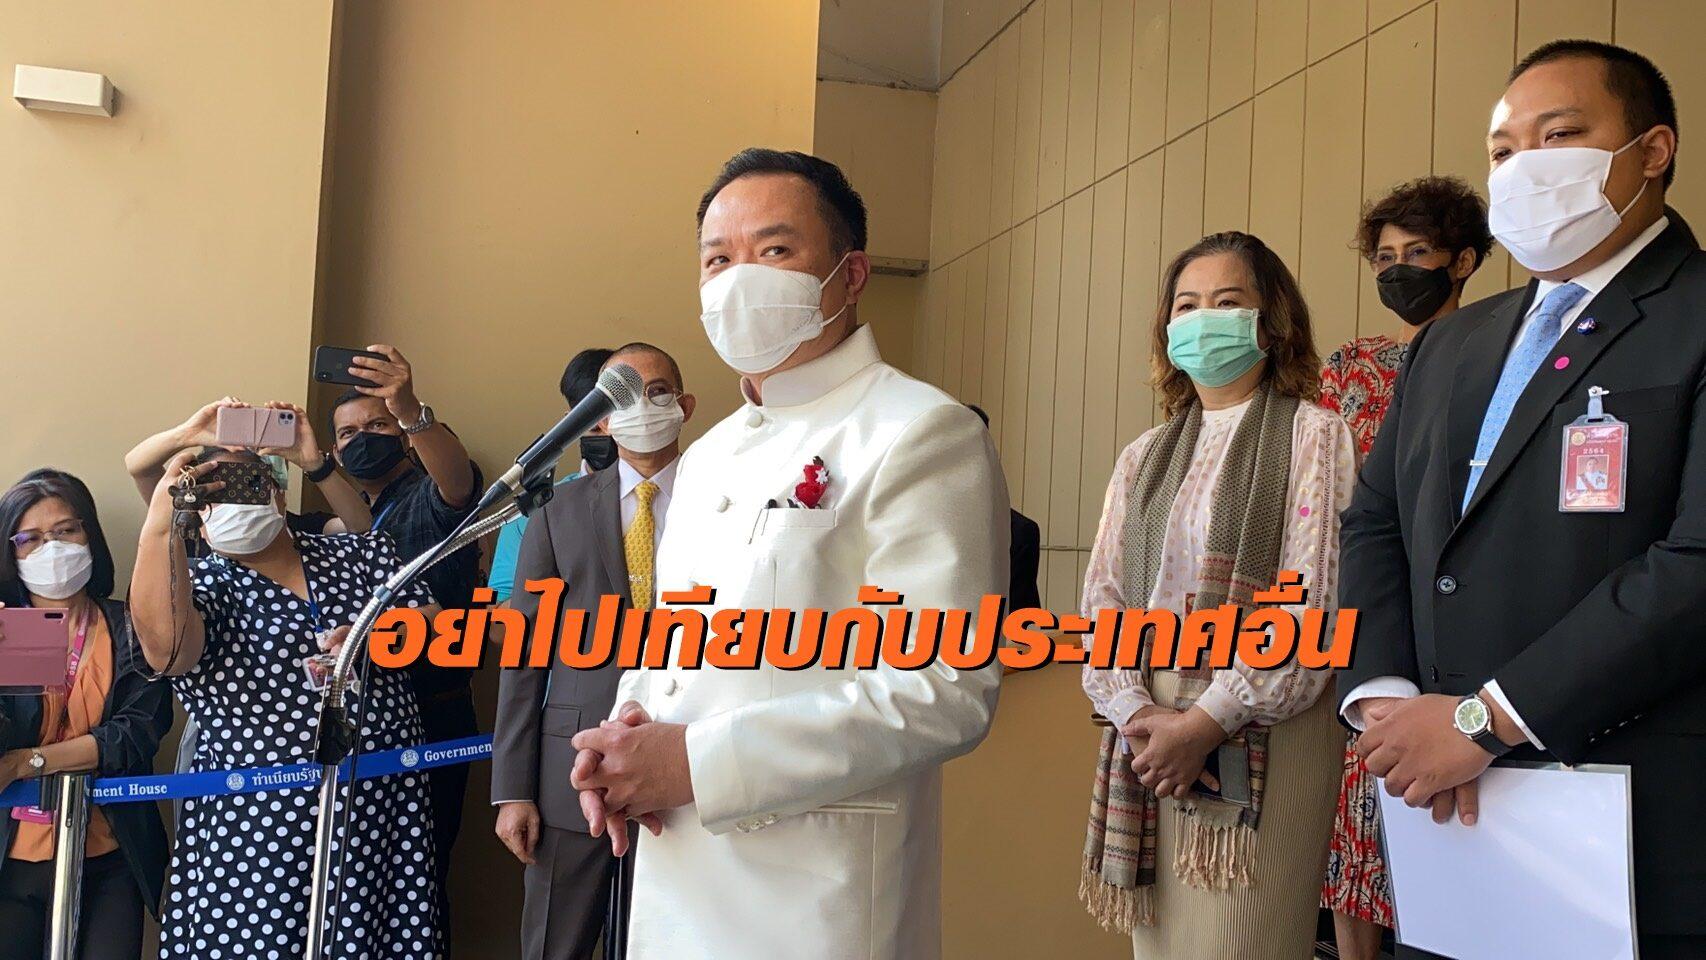 'อนุทิน' วอนหยุดเทียบไทยได้ฉีดวัคซีนช้ากว่าปท.อื่น เผย กทม.แจ้งความคนปกปิดข้อมูลแล้ว